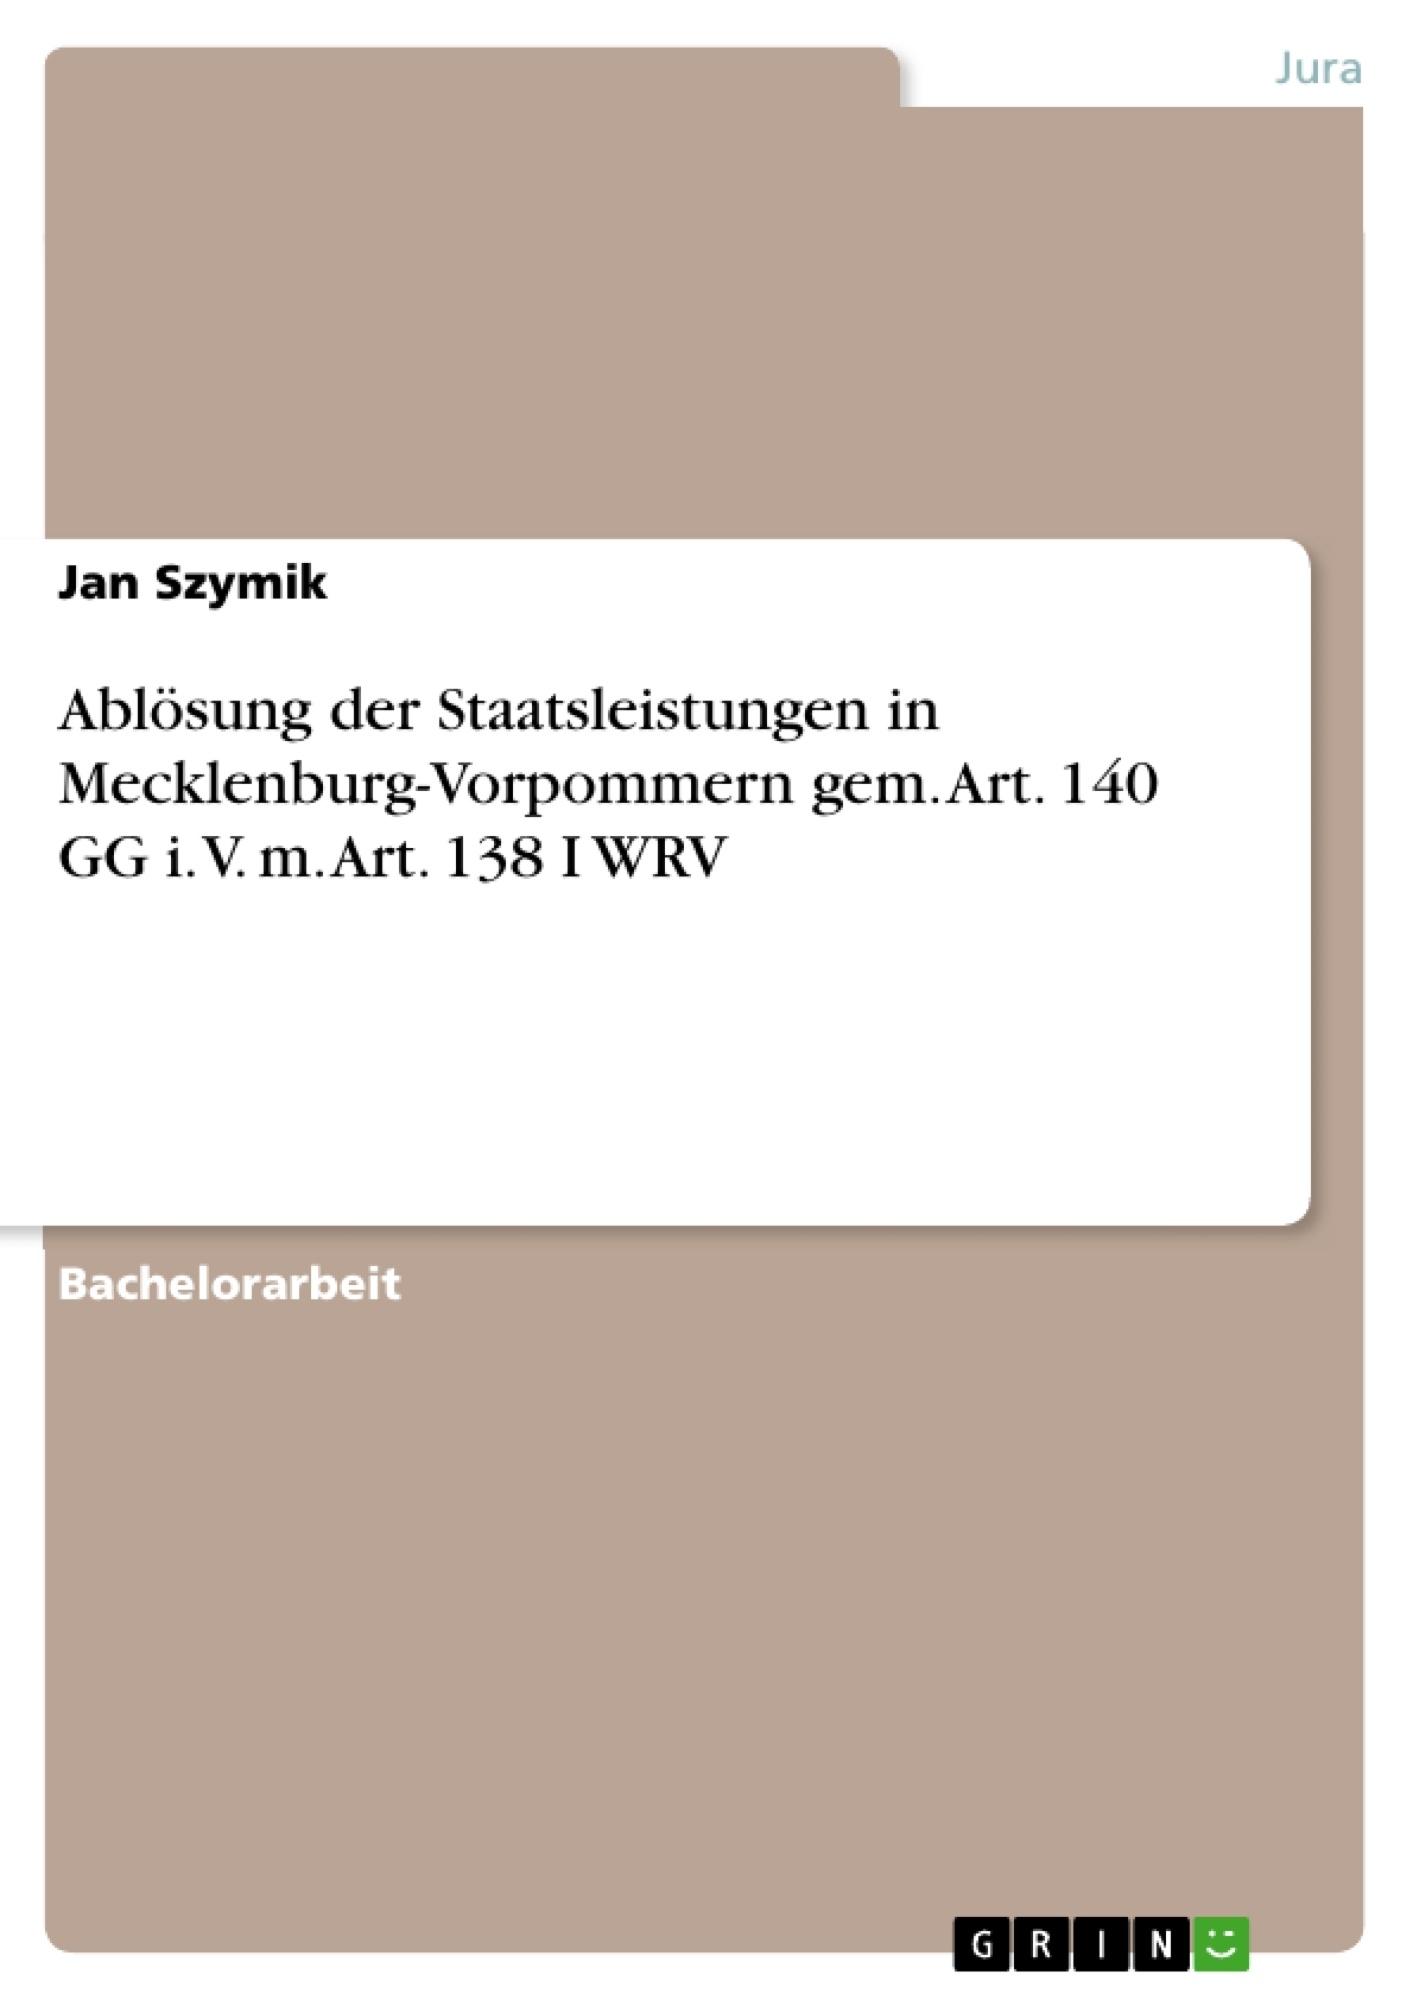 Titel: Ablösung der Staatsleistungen in Mecklenburg-Vorpommern gem. Art. 140 GG i. V. m. Art. 138 I WRV